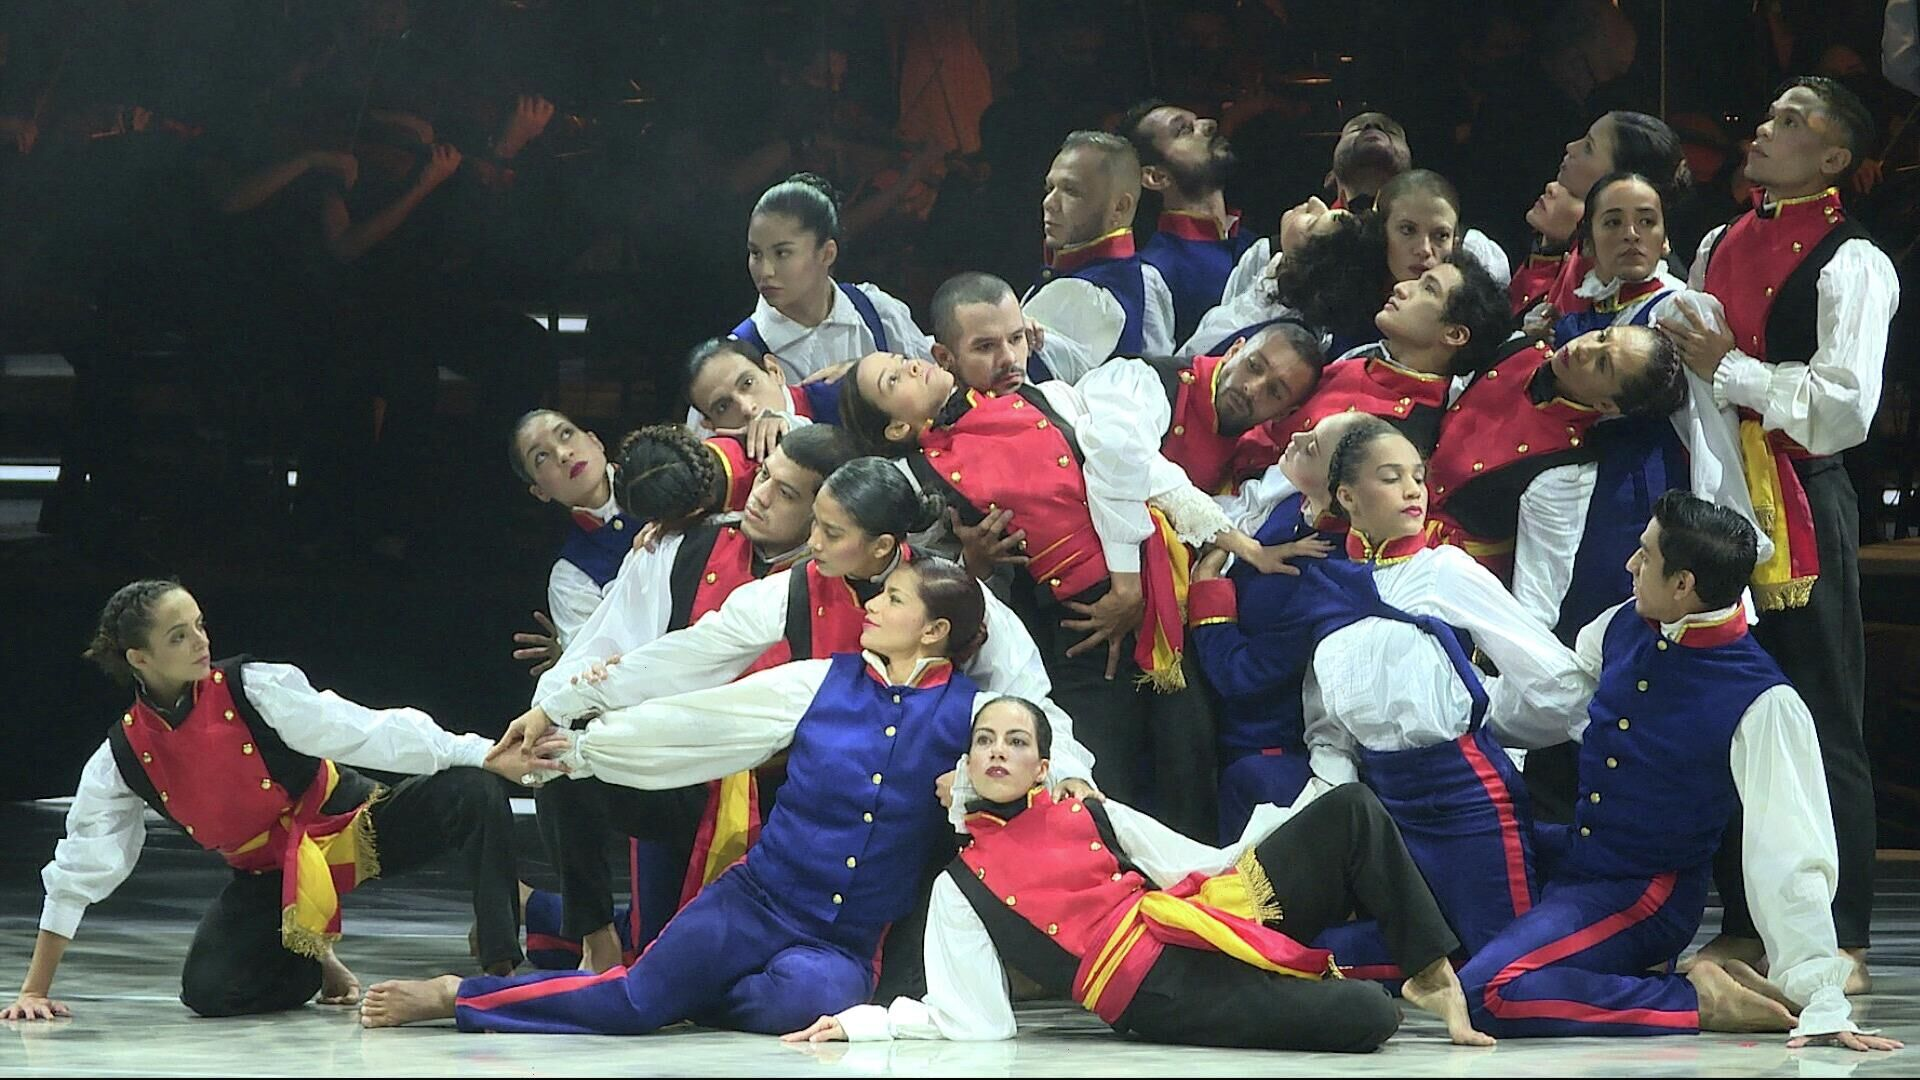 El Teatro Teresa Carreño es un ícono de las artes escénicas de Venezuela - Sputnik Mundo, 1920, 05.07.2021